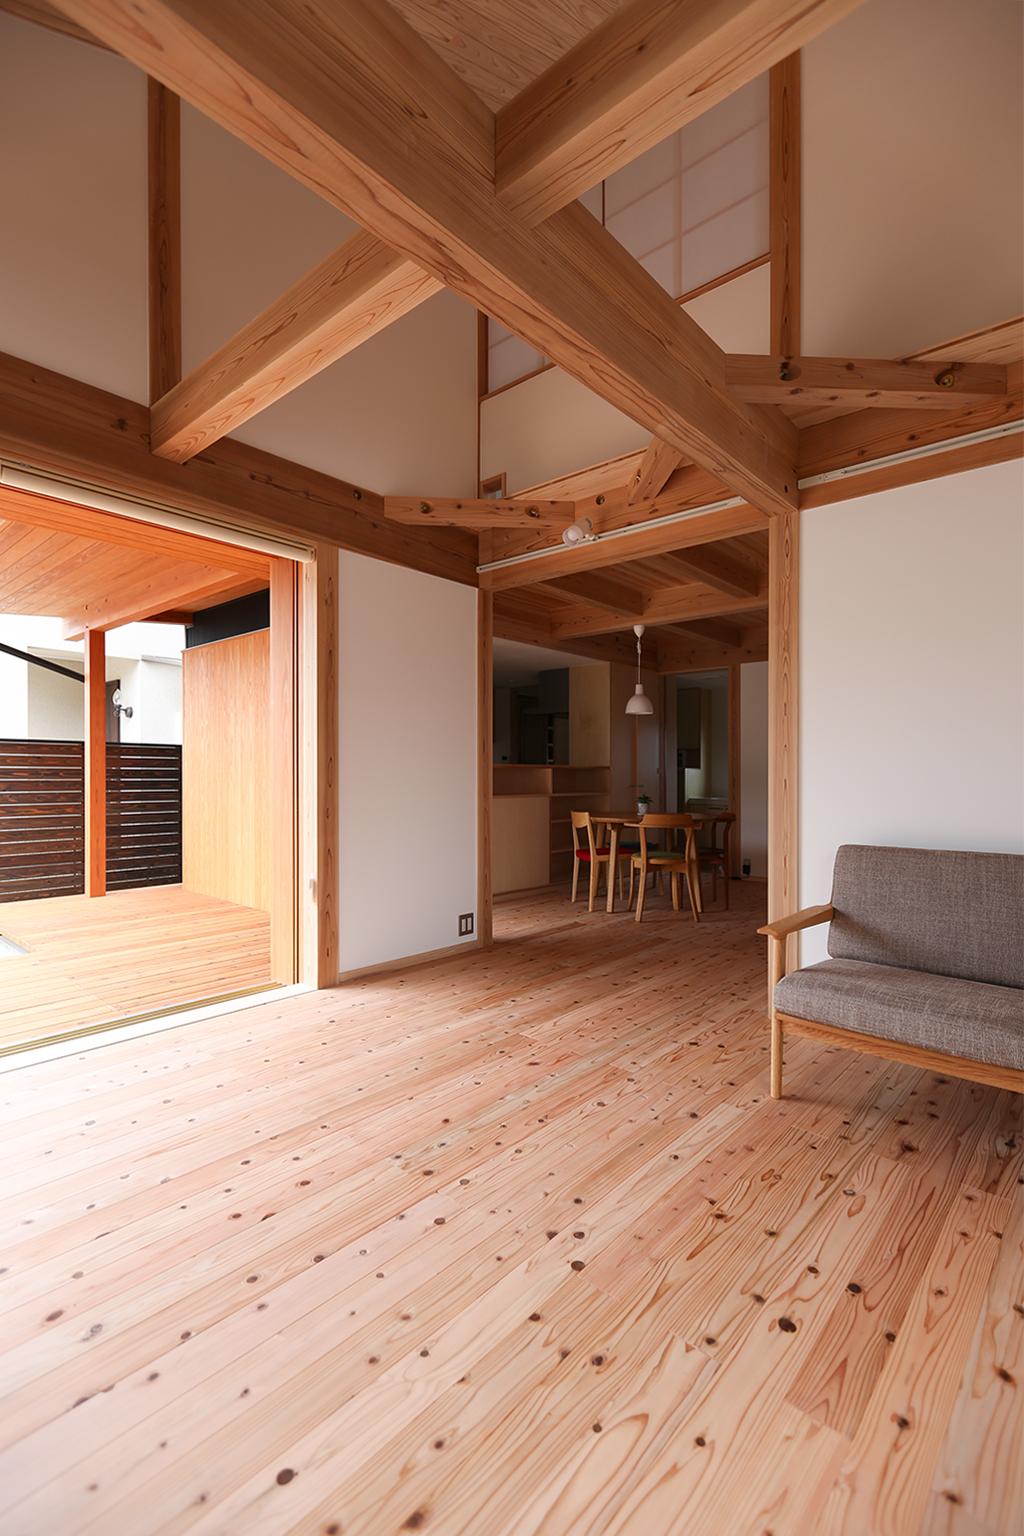 姫路市の木の家 吹き抜けのあるリビング